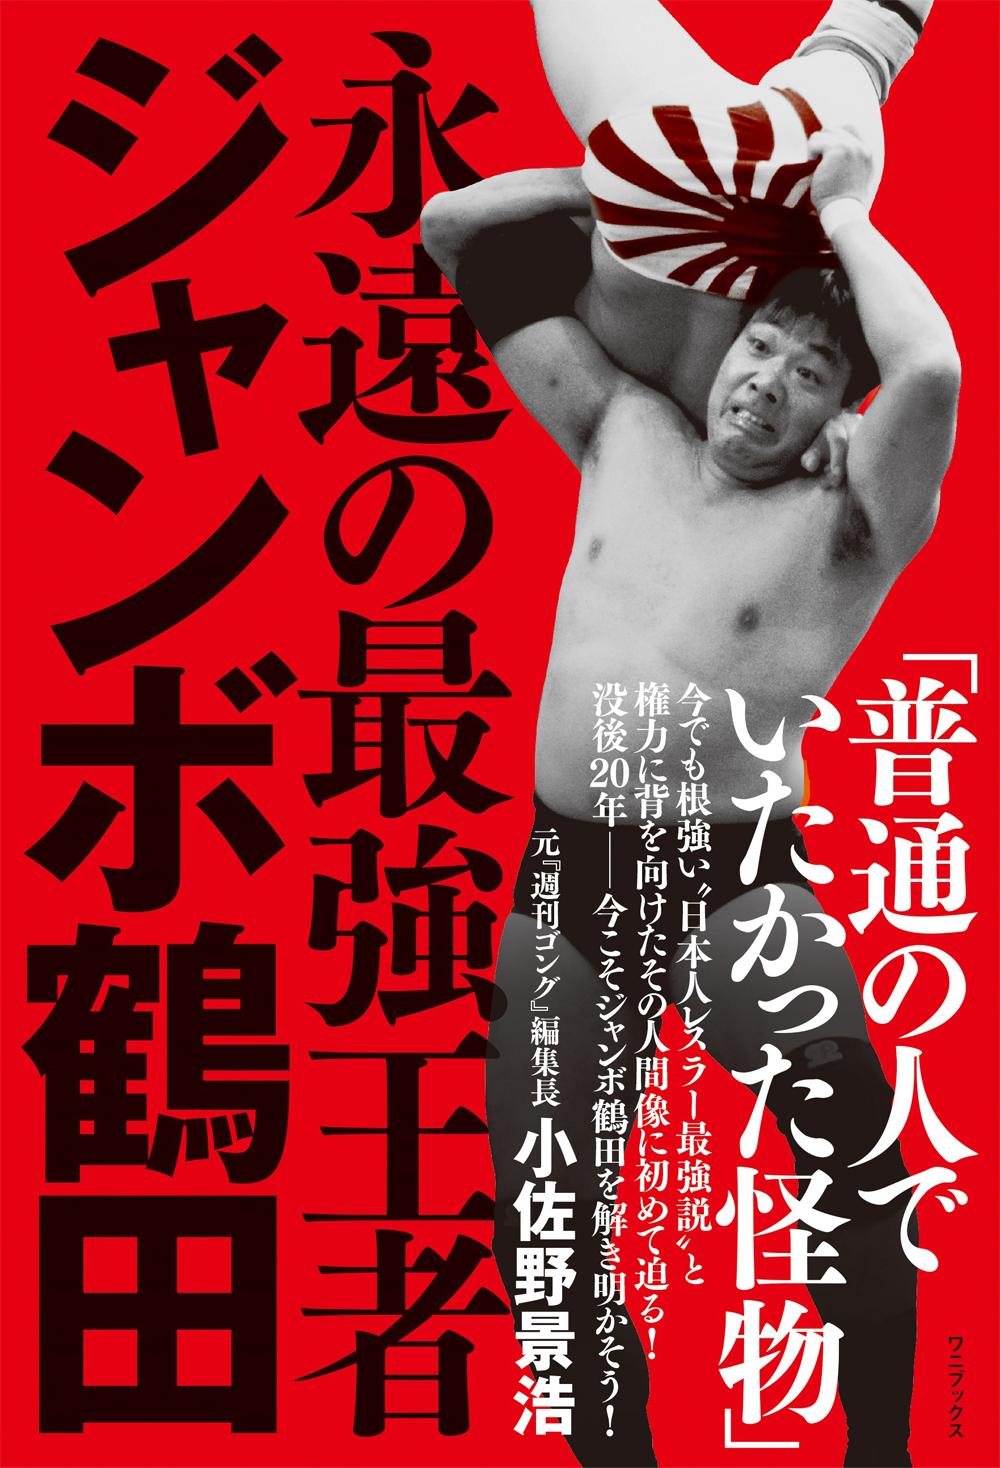 没後20年、今こそジャンボ鶴田を解き明かす! 「永遠の最強王者 ジャンボ鶴田」5月13日に発売!